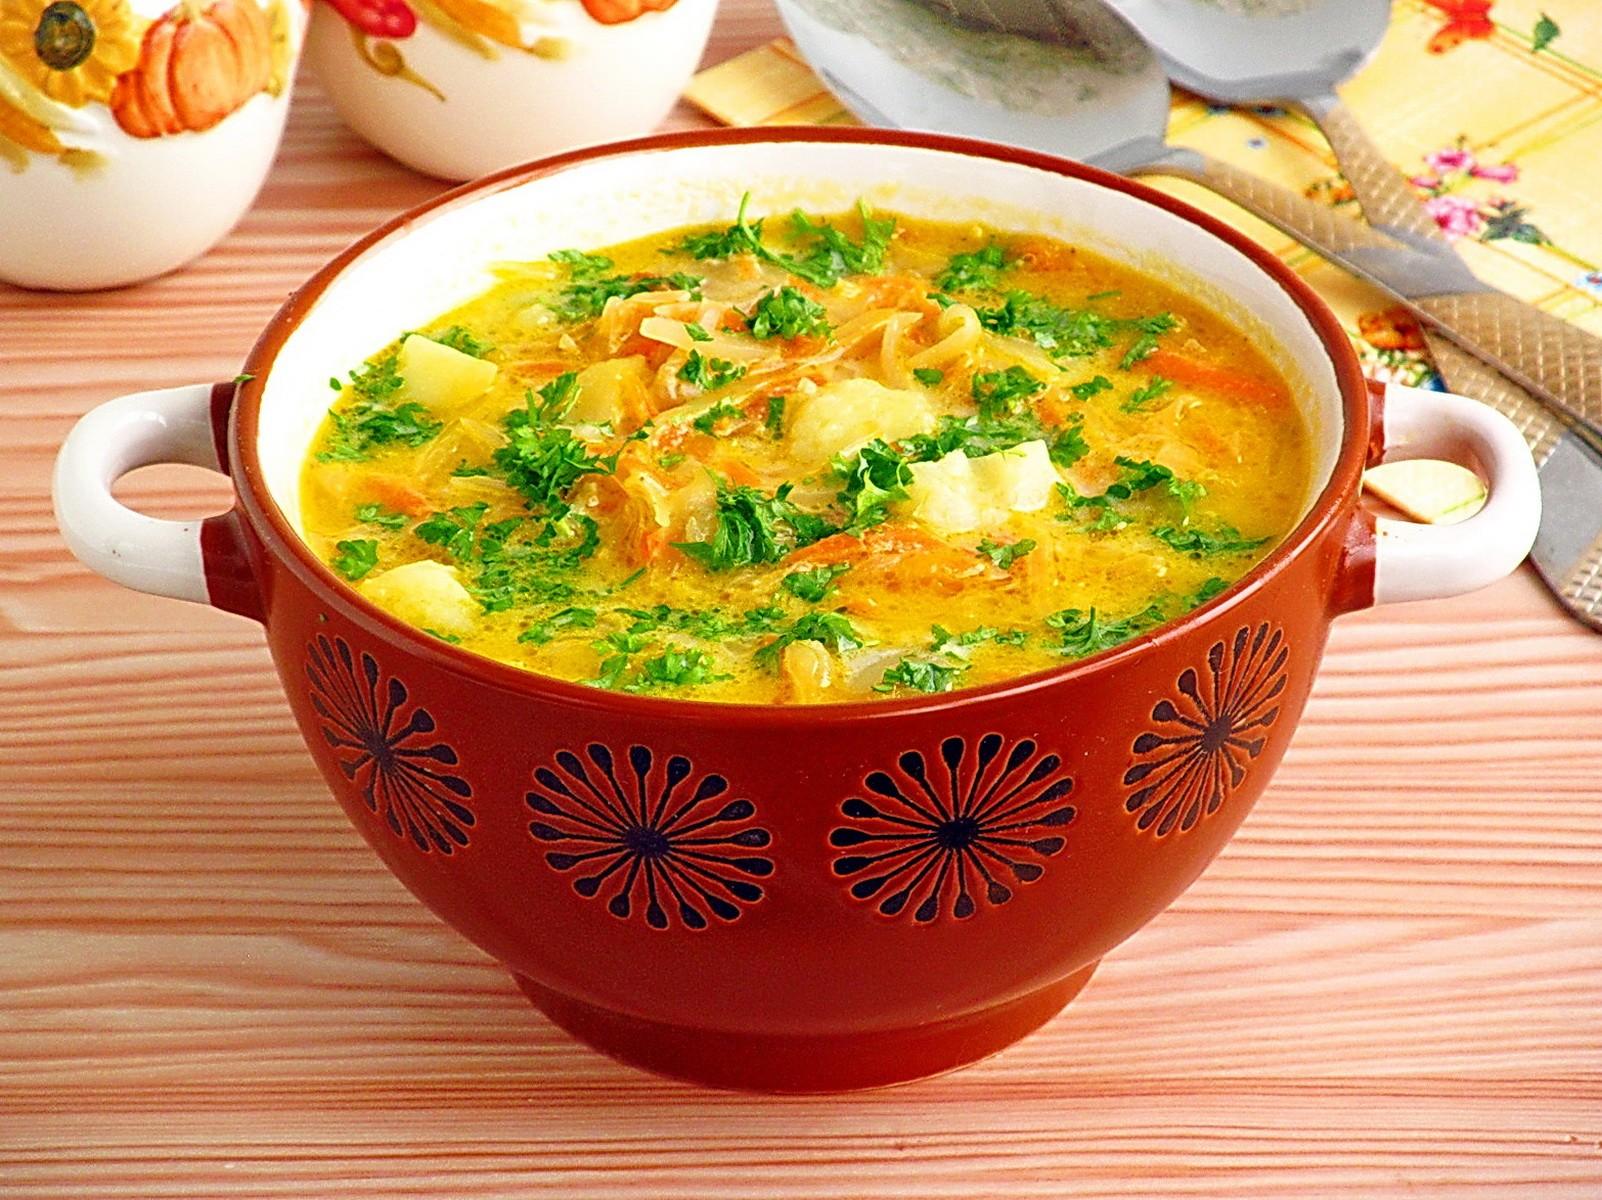 Превосходный суп из квашной капусты